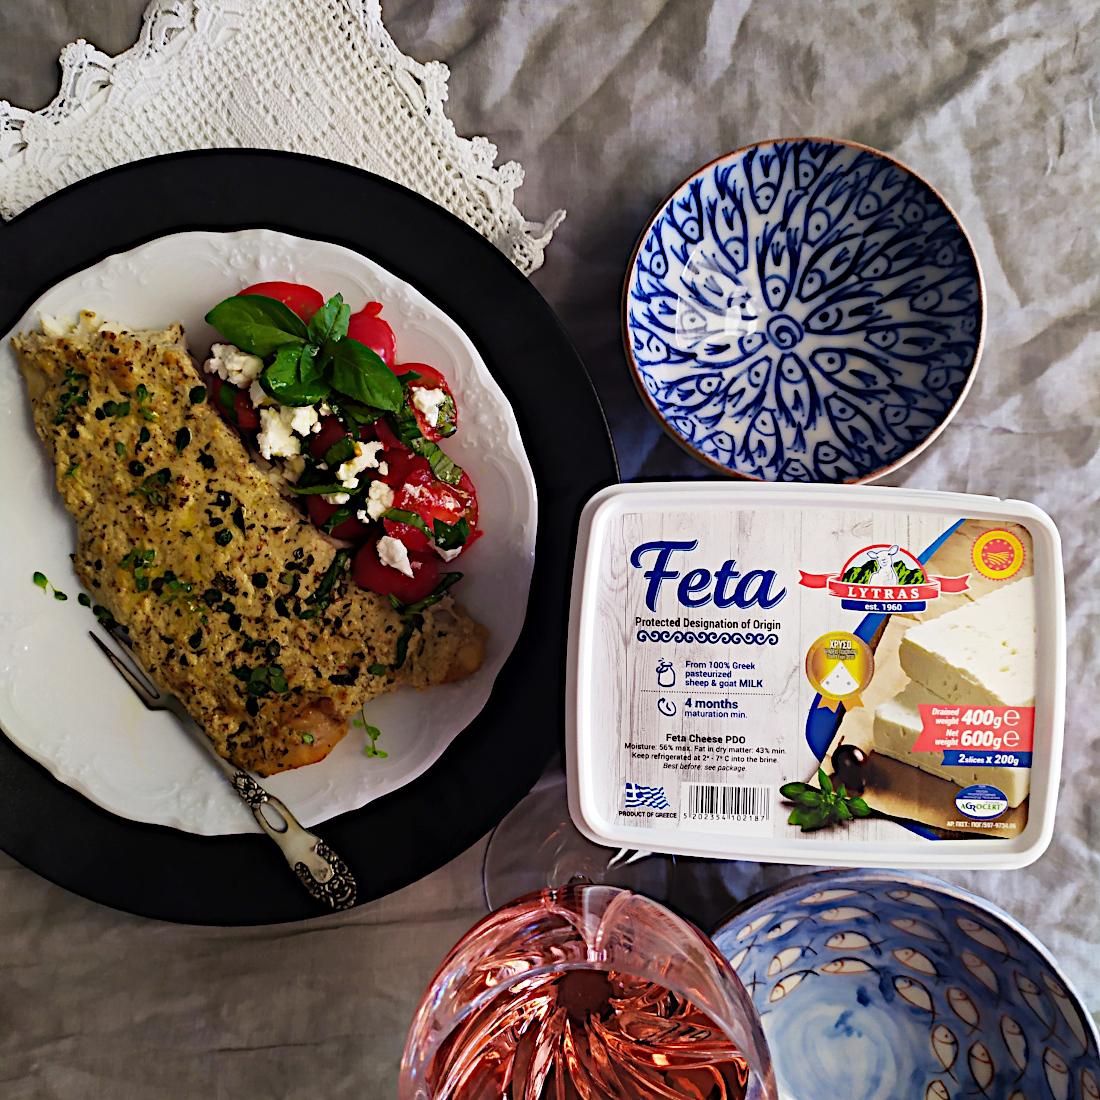 Fileto-perkas-feta-thumari-2